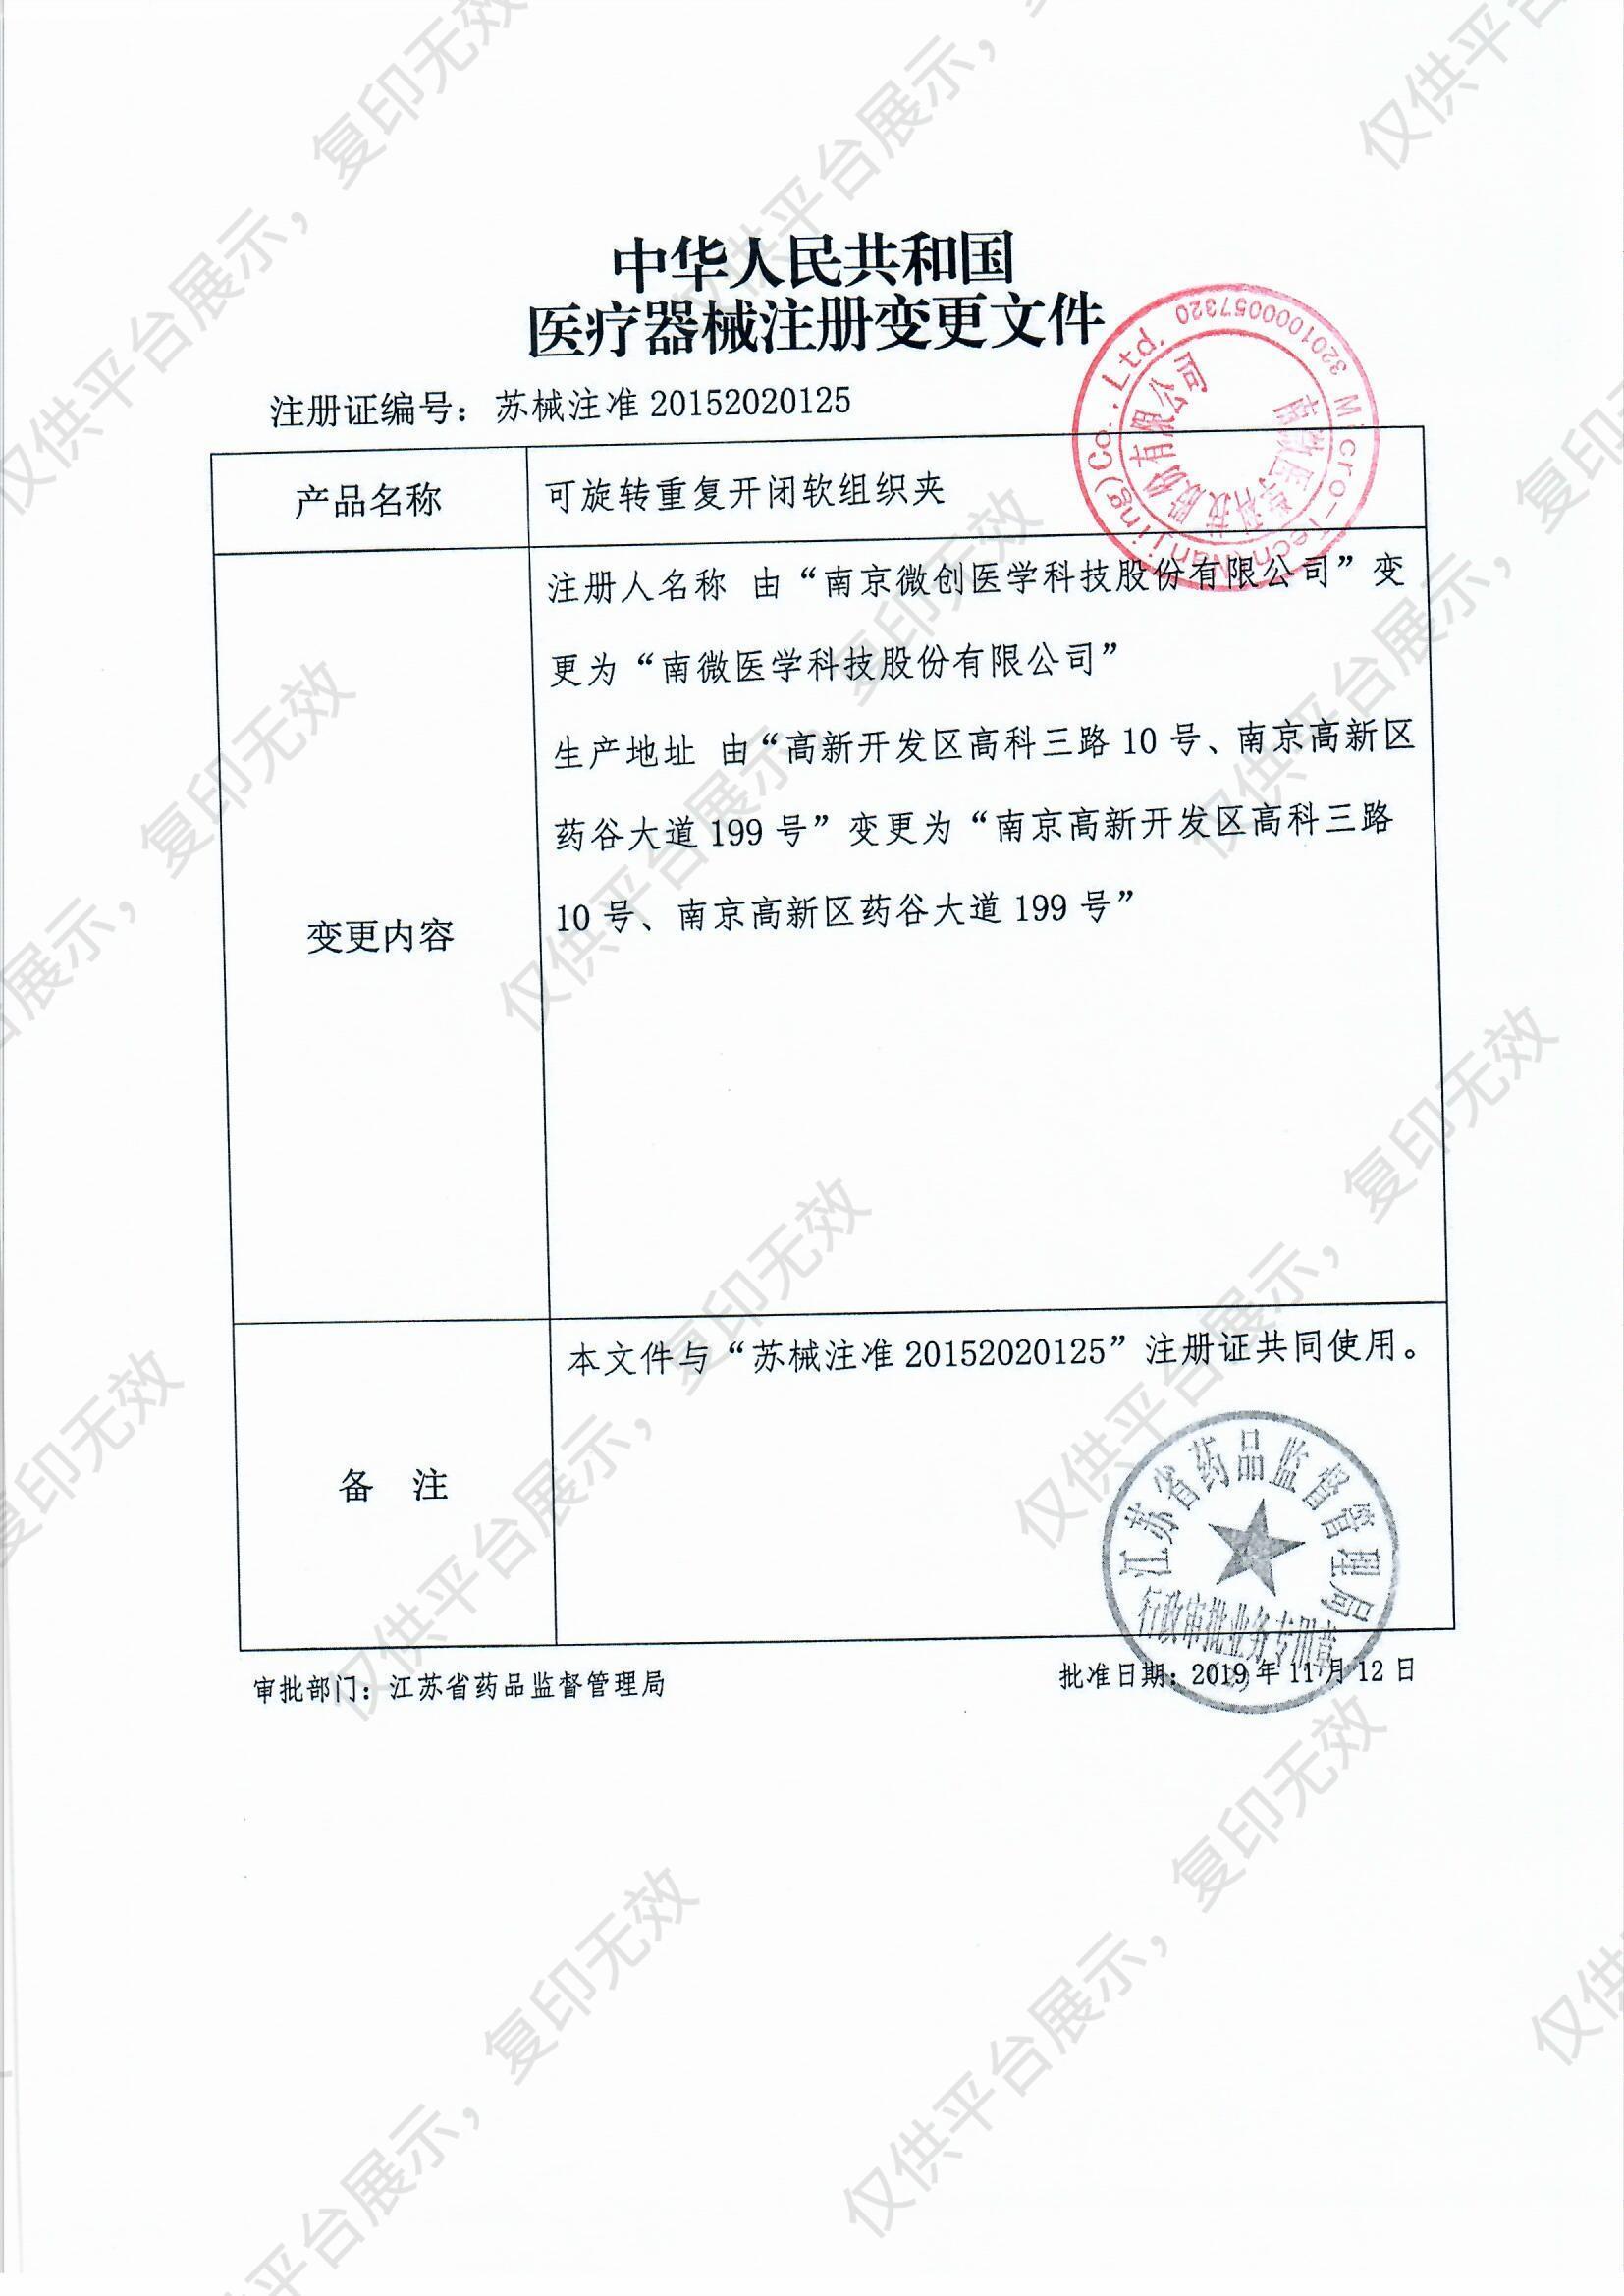 南京微创 可旋转重复开闭软组织夹 高性能XL款 1950mm(100把/箱)注册证